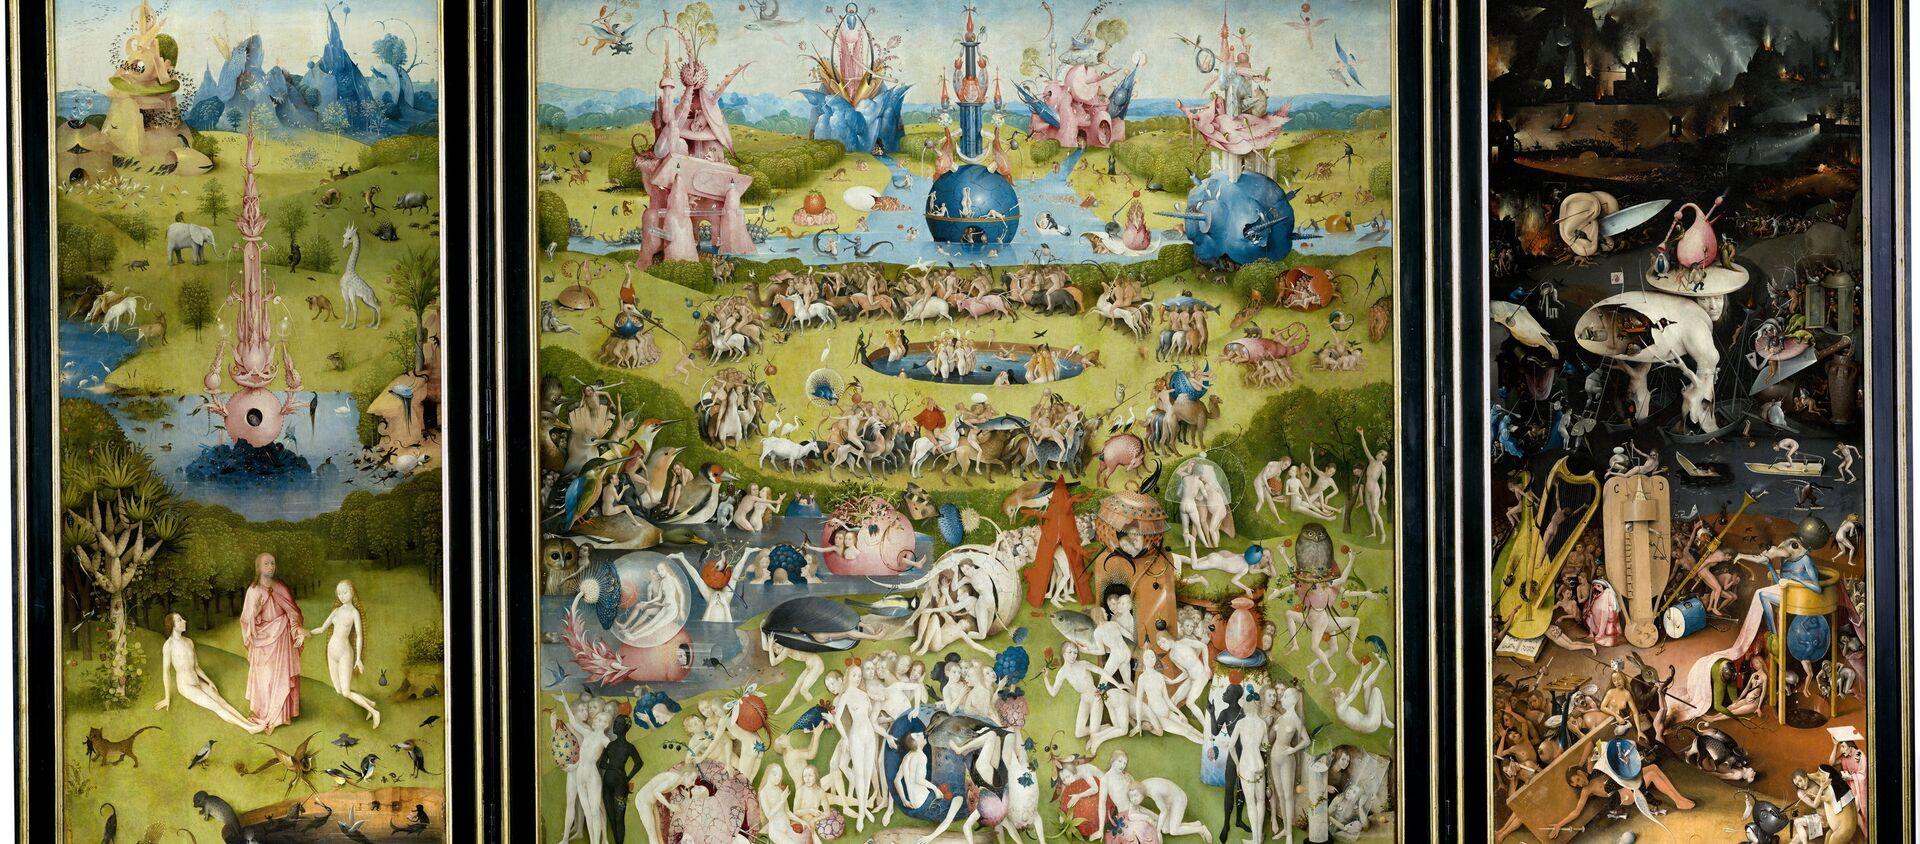 Il giardino delle delizie - Hieronymus Bosch - Sputnik Italia, 1920, 23.10.2018